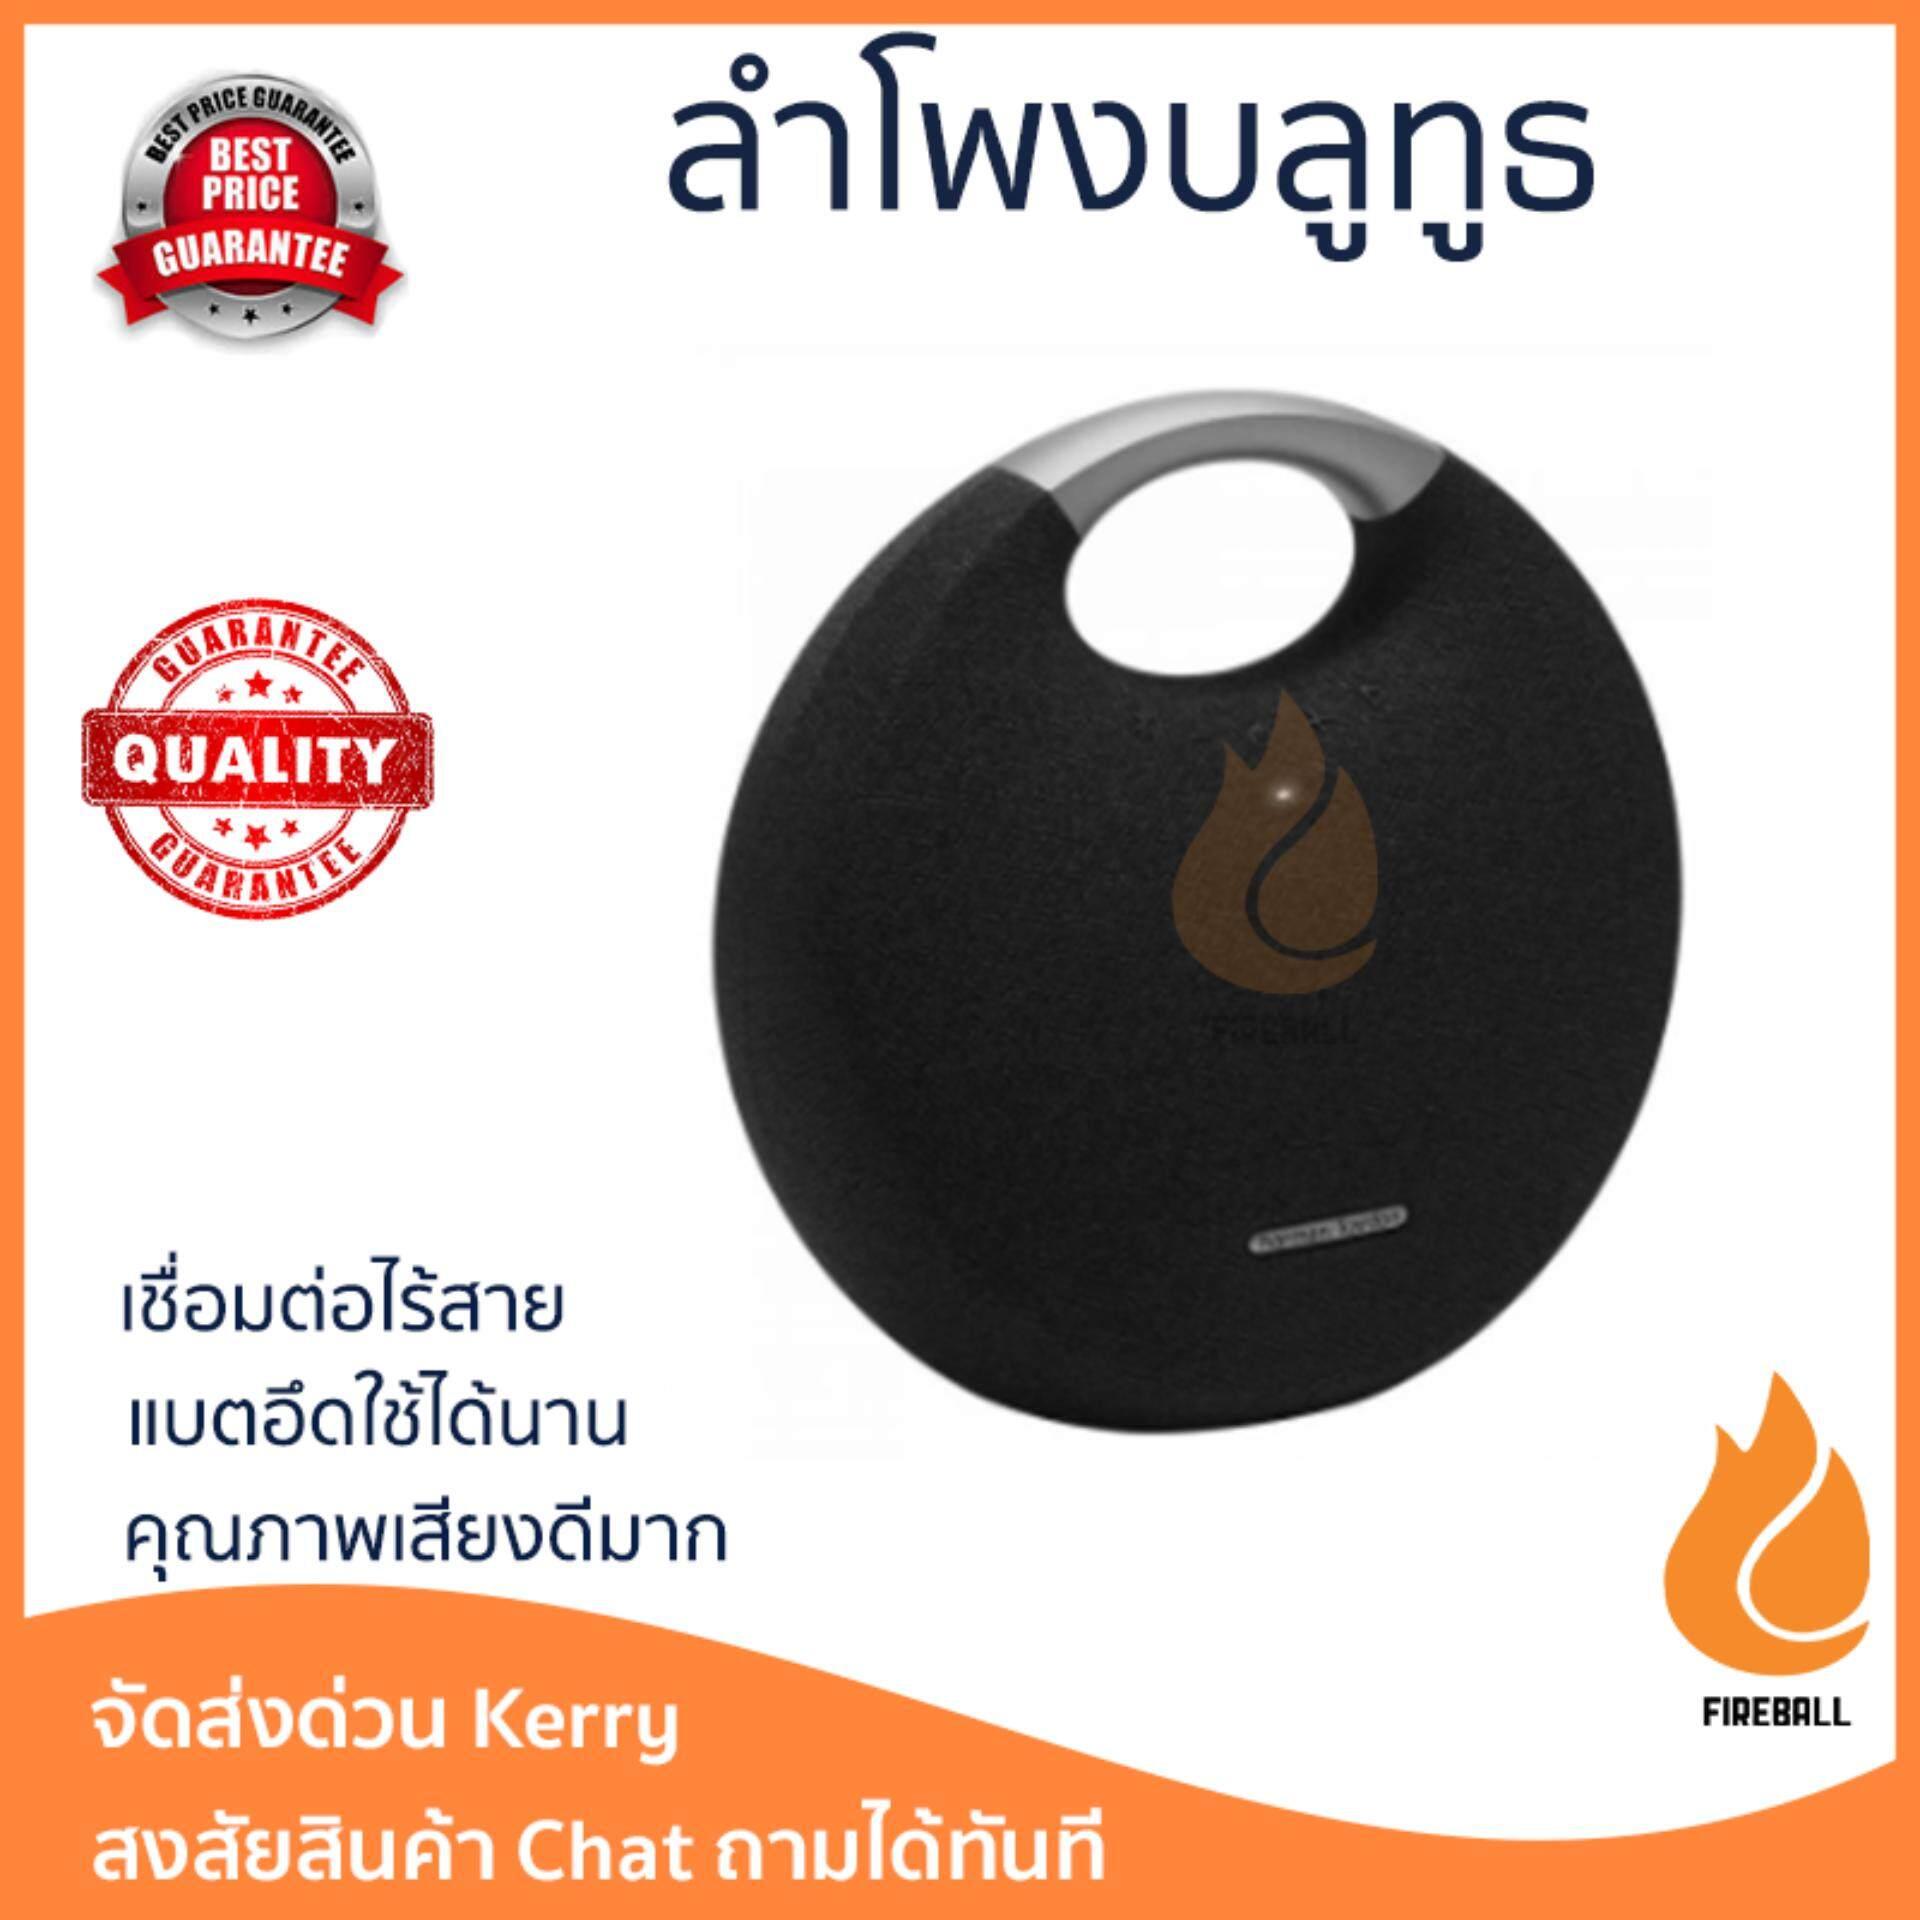 ตรัง จัดส่งฟรี ลำโพงบลูทูธ  Harman Kardon Bluetooth Speaker 2.1 Onyx Studio 5 Black เสียงใส คุณภาพเกินตัว Wireless Bluetooth Speaker รับประกัน 1 ปี